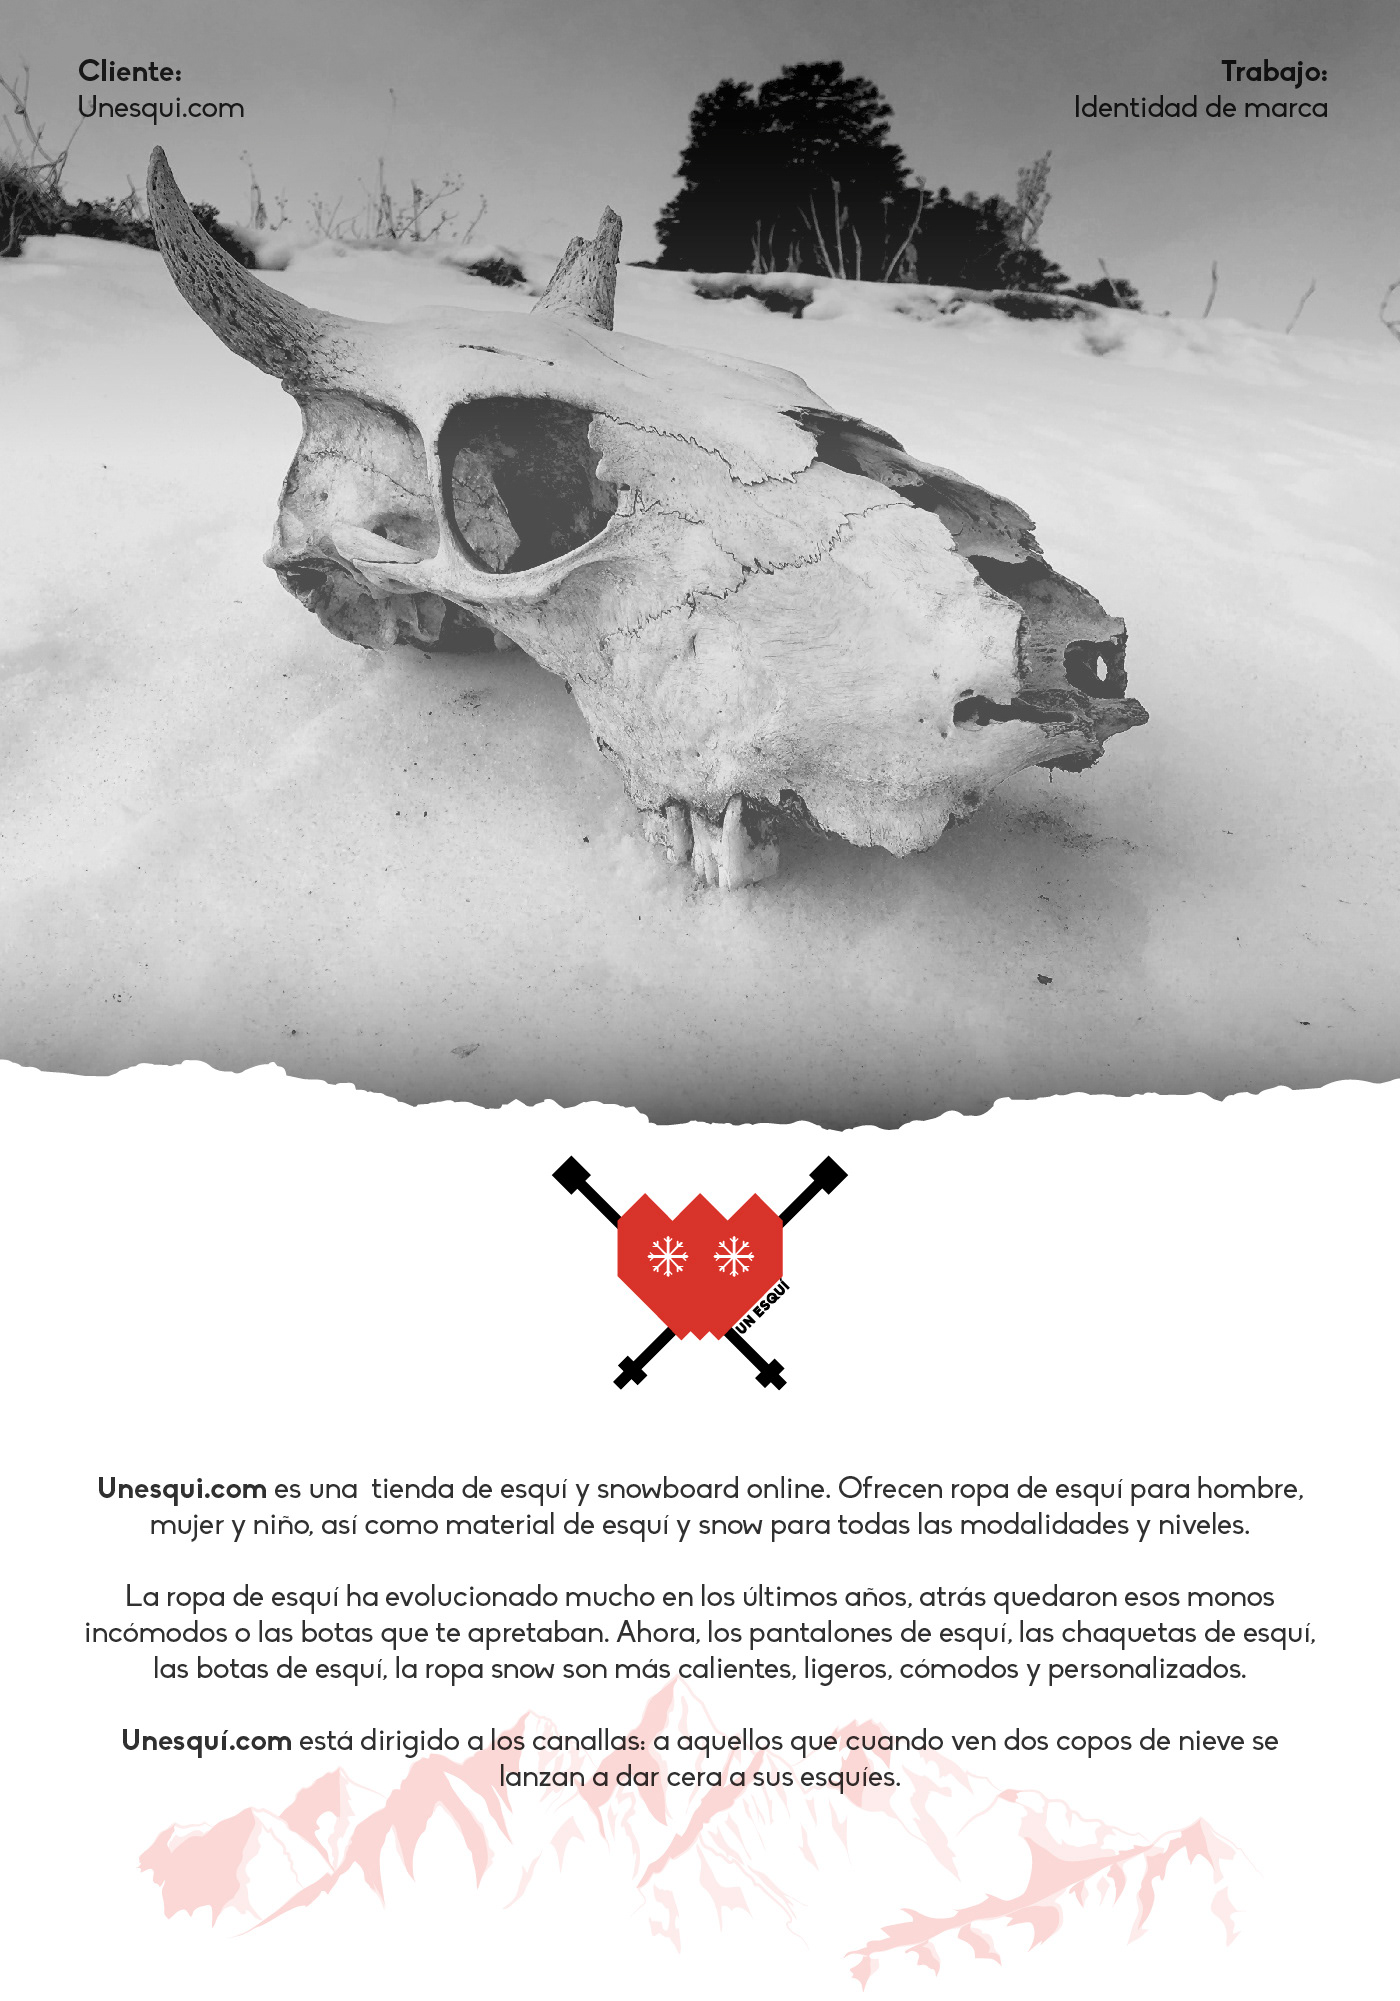 esqui snow snowboard logo animation animacion branding  Identidad Corporativa Logotipo nieve imagen de marca